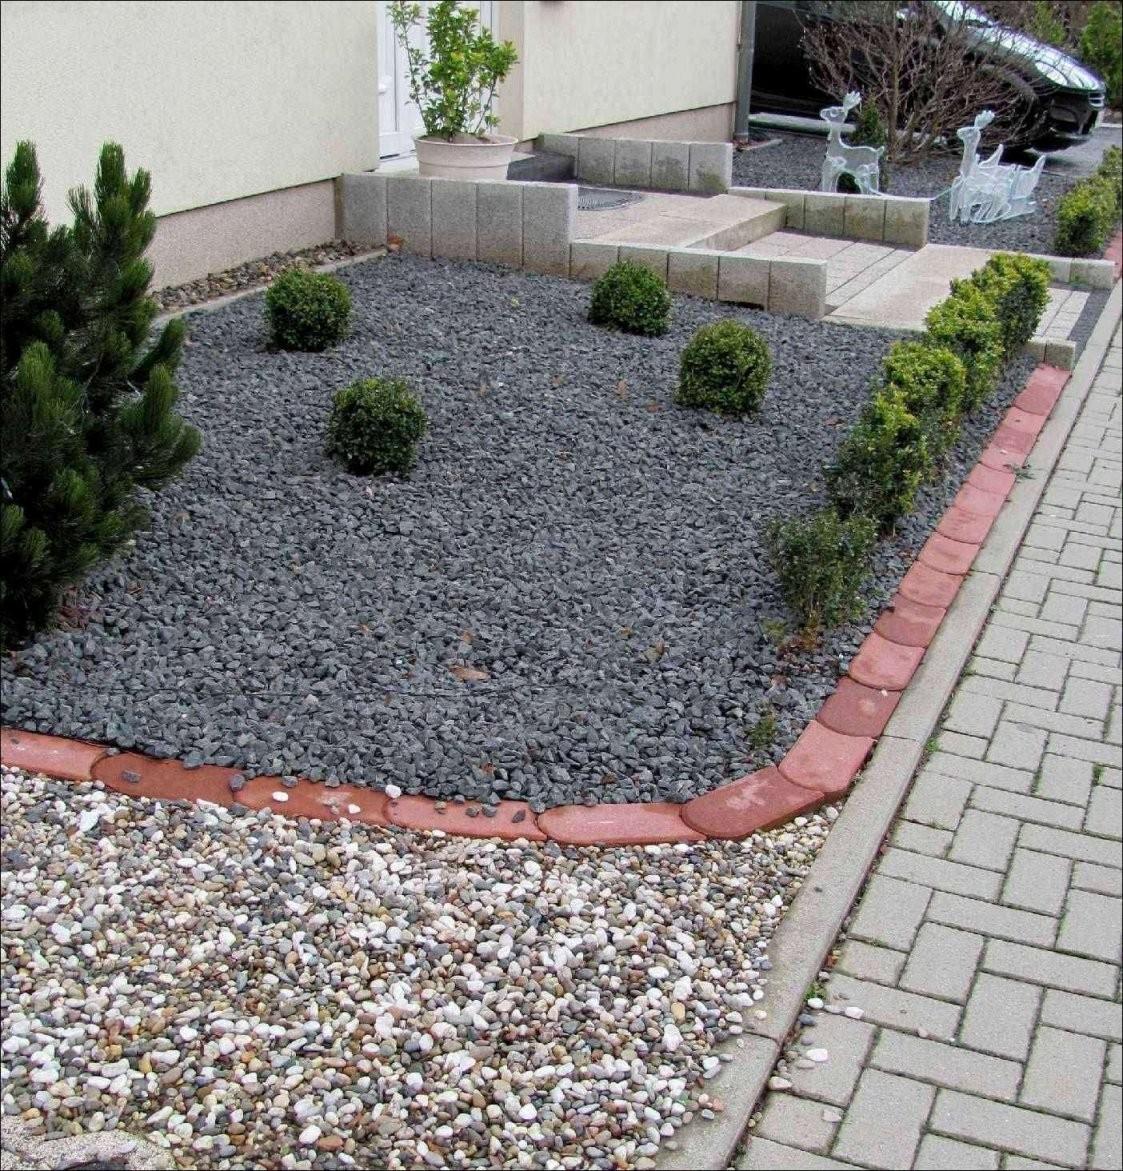 Vorgarten Gestalten Mit Kies Vorstellung Vorgarten Mit Steinen von Vorgarten Gestalten Mit Kies Bild